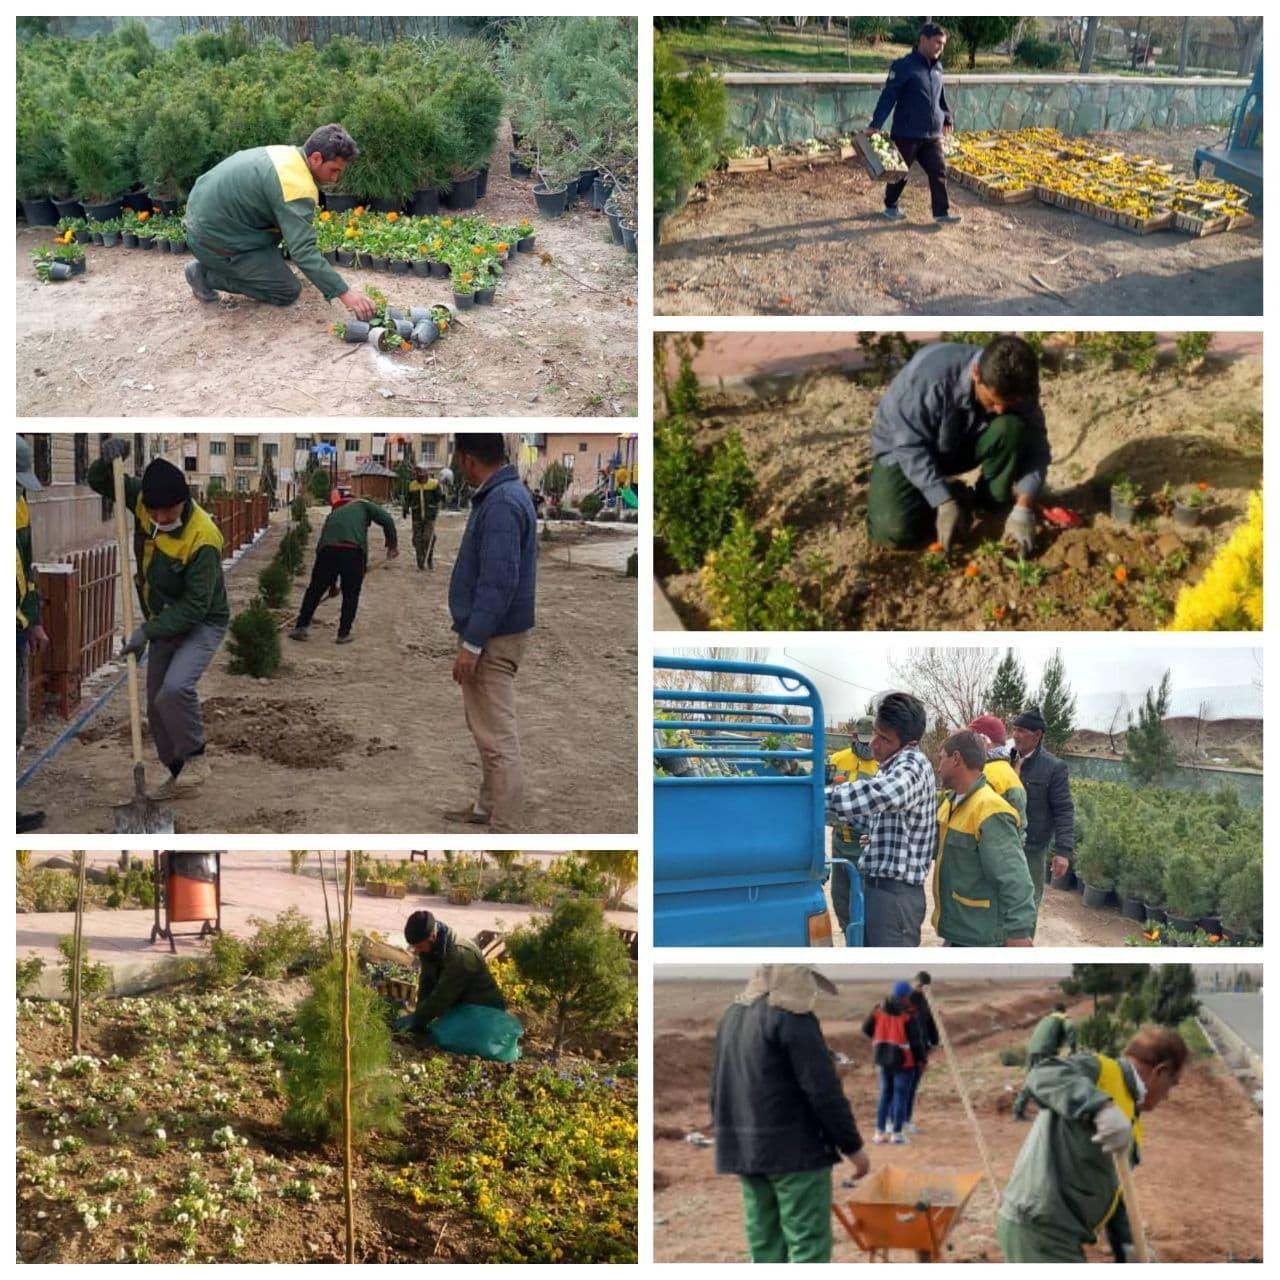 توسعه و بهبود فضای سبز شهر پرند در ایام نوروز ادامه دارد